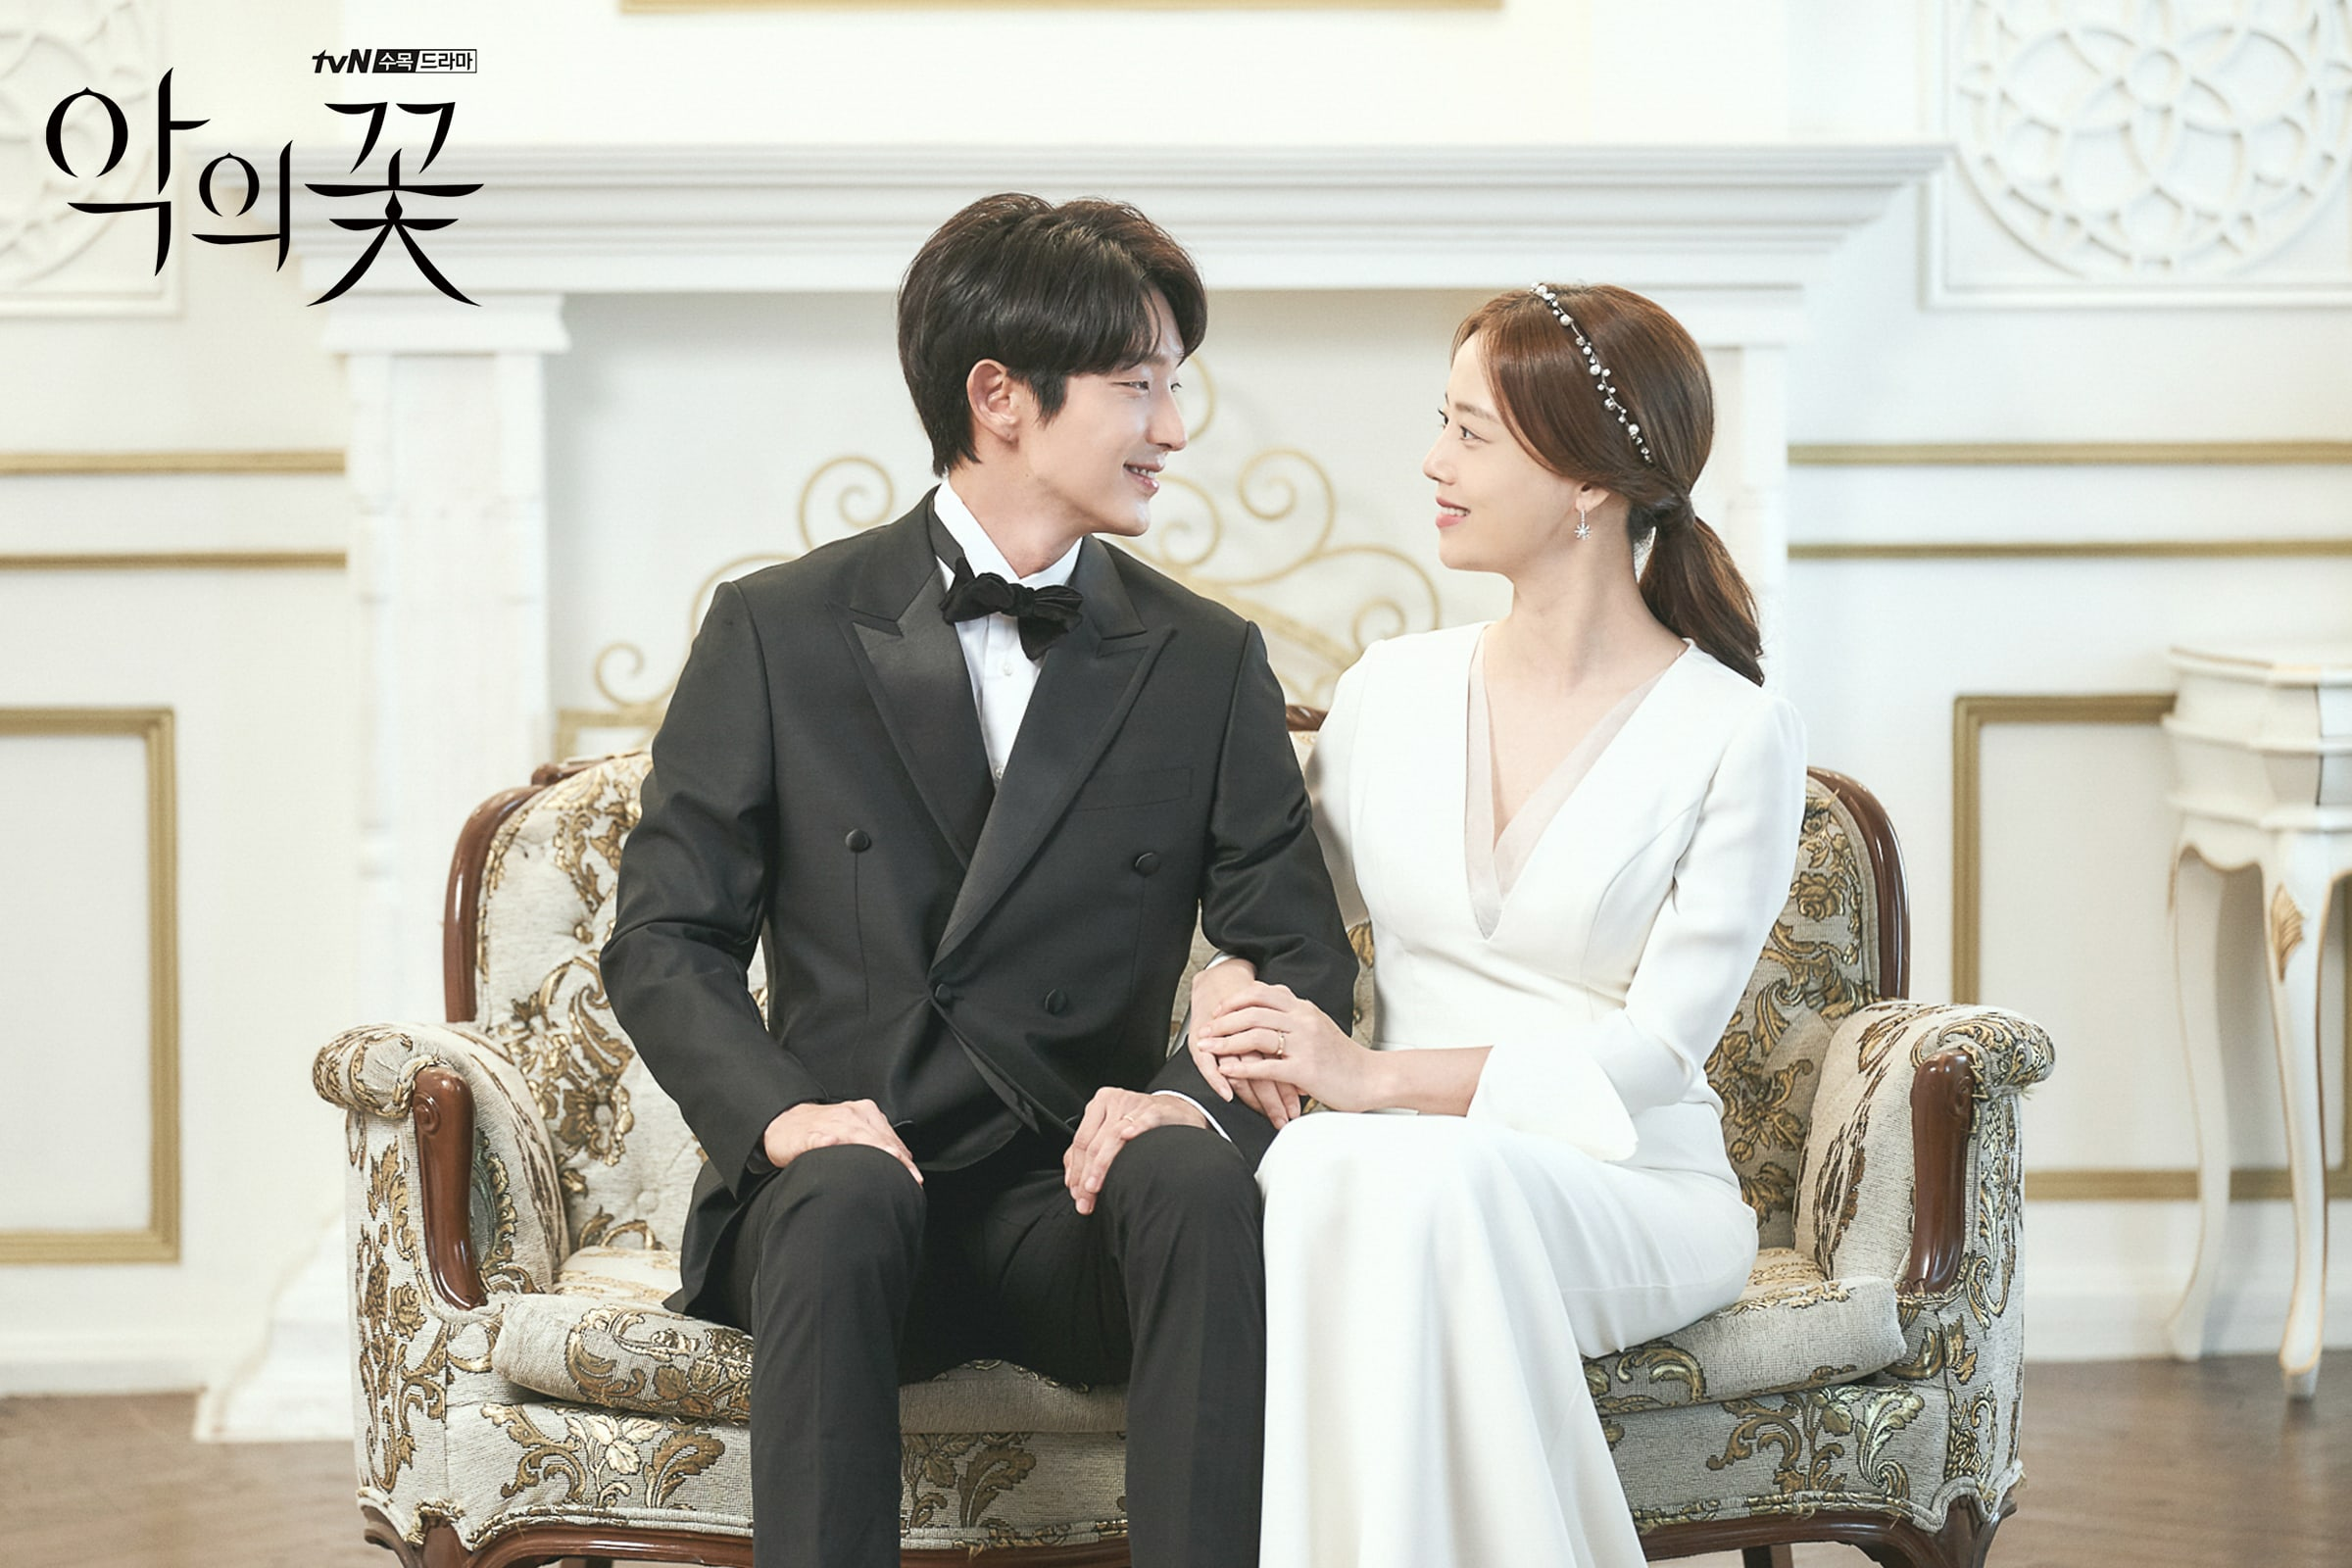 lee-joon-gi-moon-chae-won-3.jpg